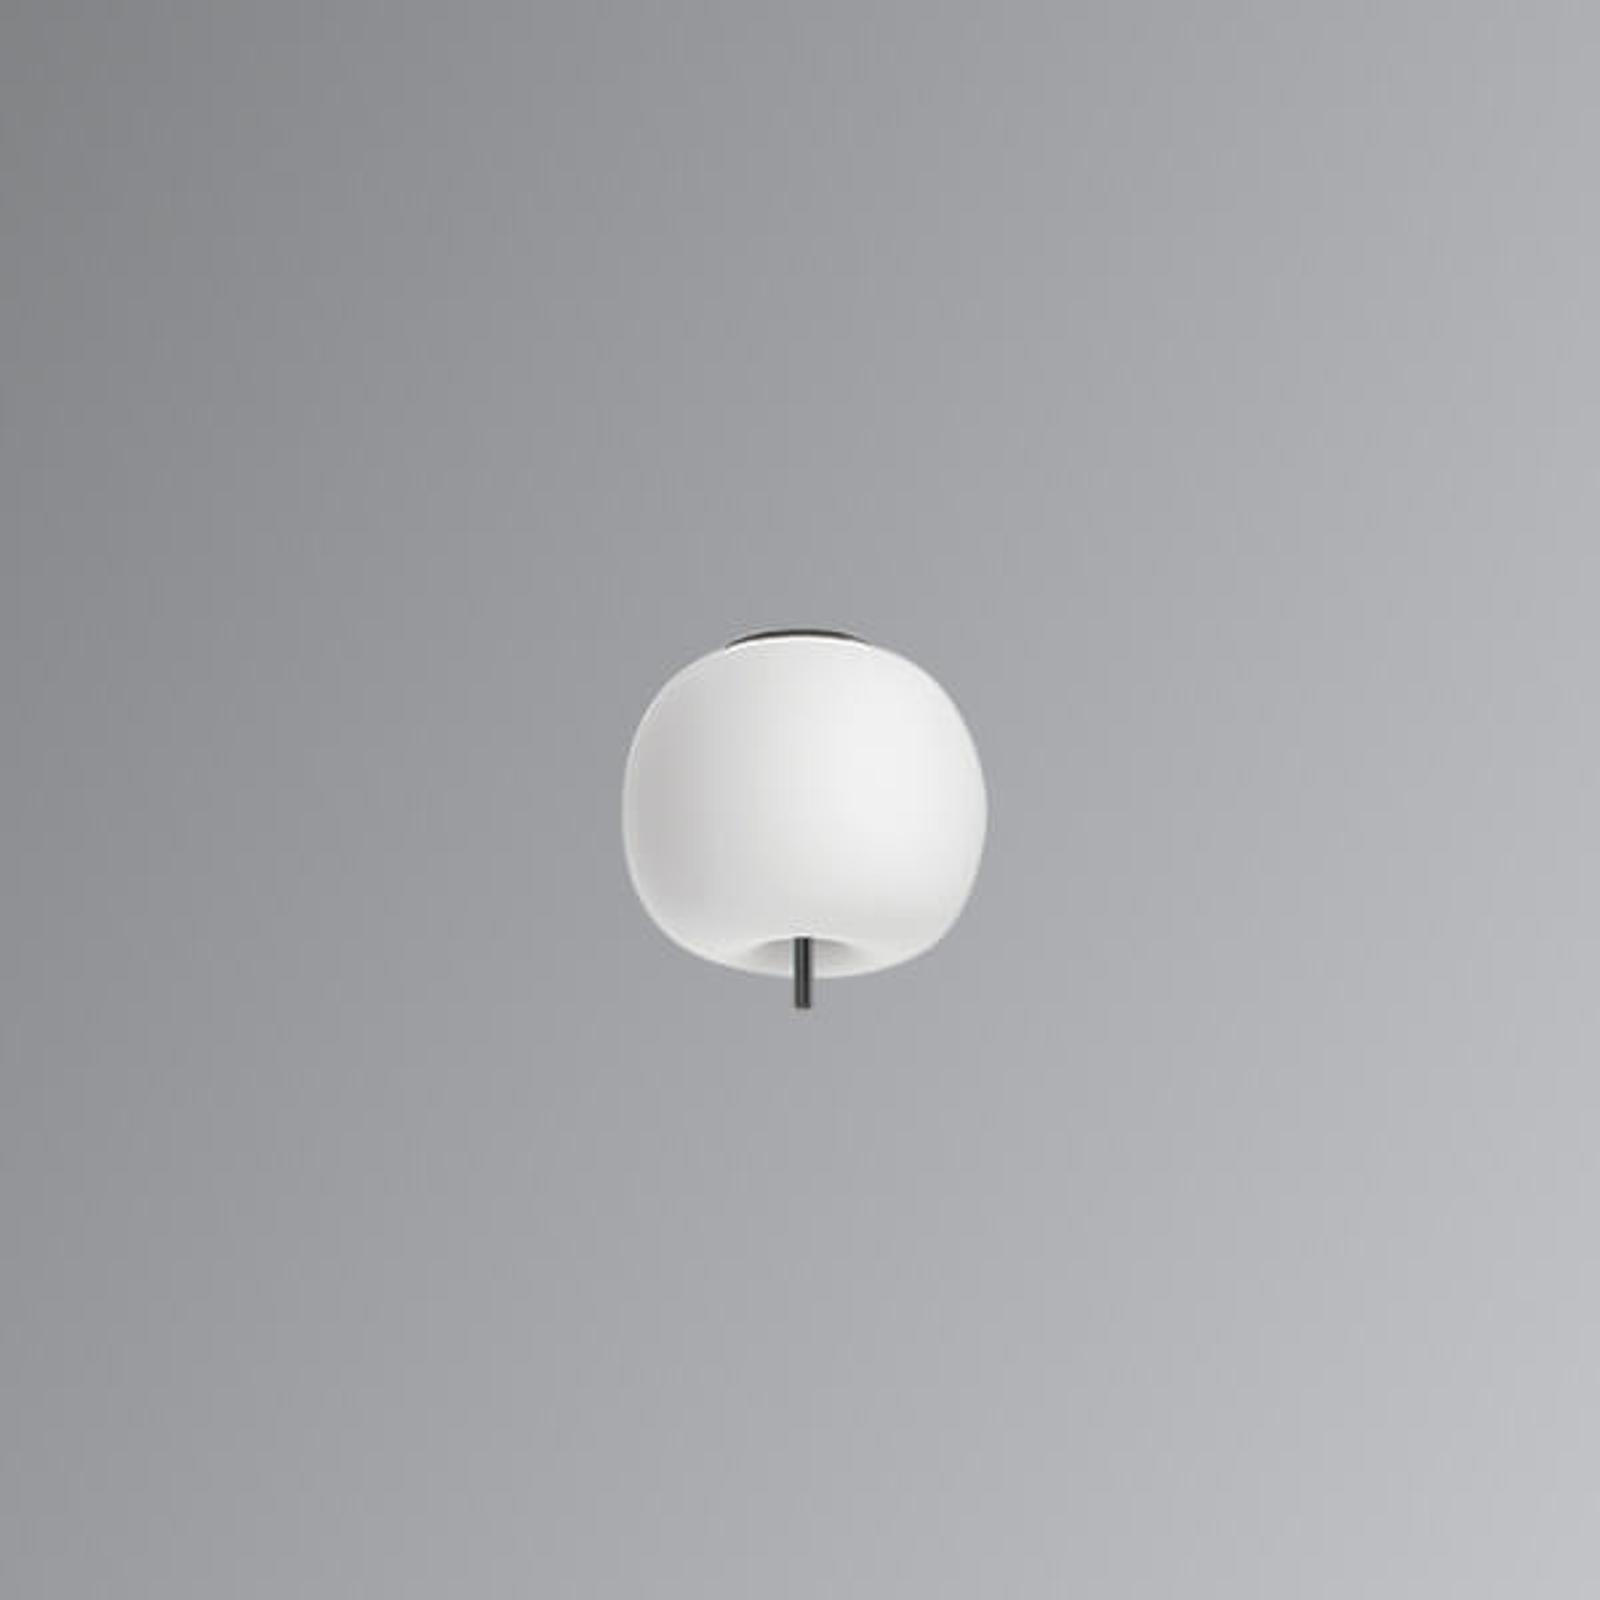 Kundalini Kushi - LED plafondlamp zwart 16cm